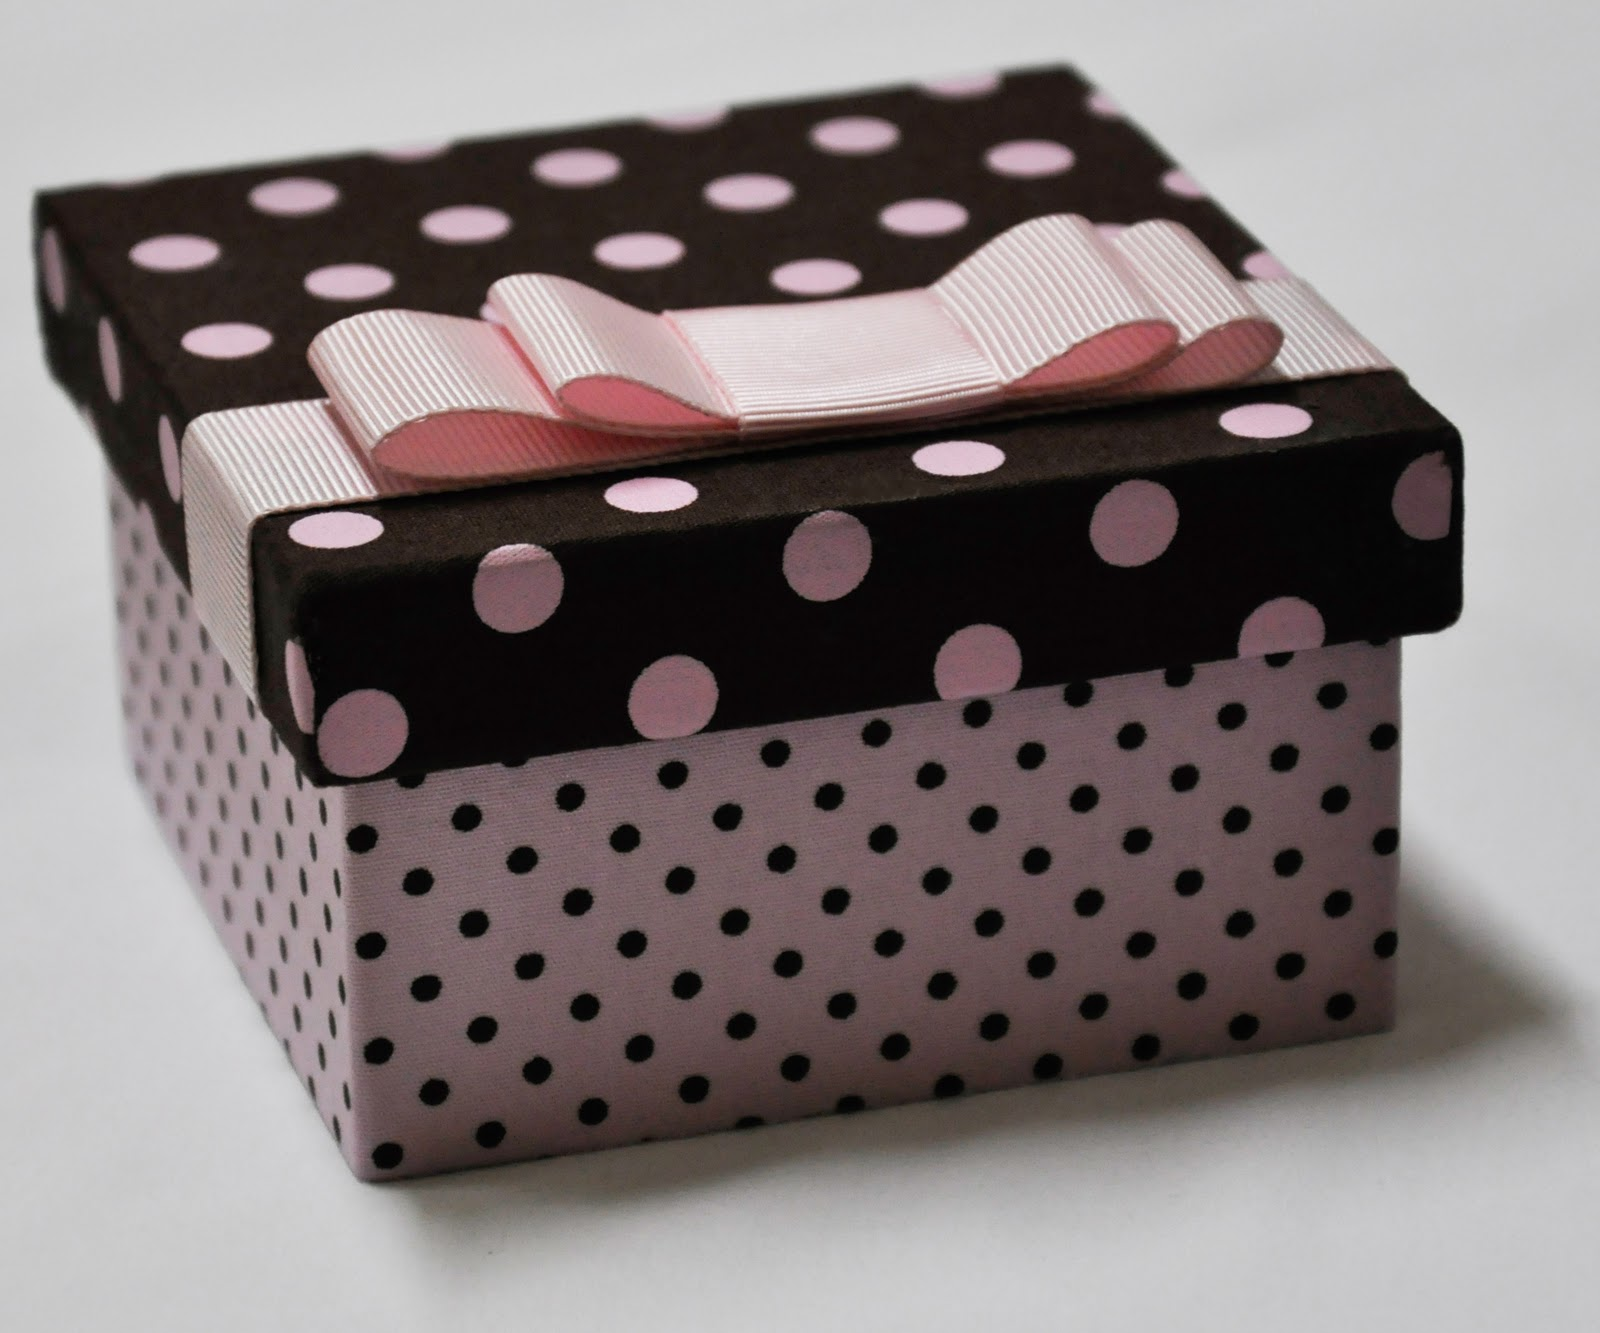 Artesanato Reciclagem Caixa De Leite ~ Artesanato Chique Rosa e marrom de bolinhas